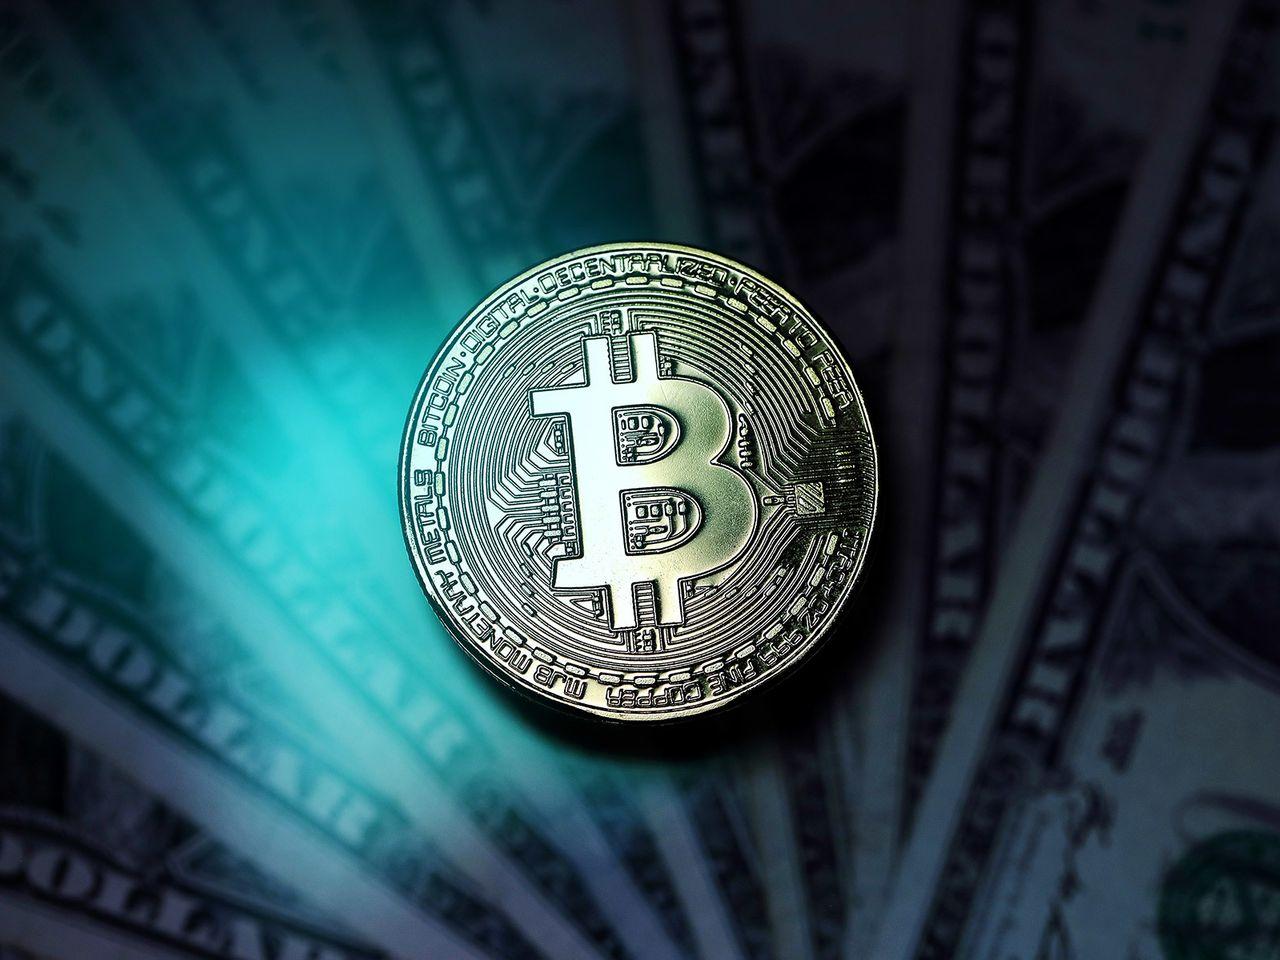 Hiệu suất Bitcoin trong thập kỷ trước rất ấn tượng, nhưng 10 năm tới thì sao?